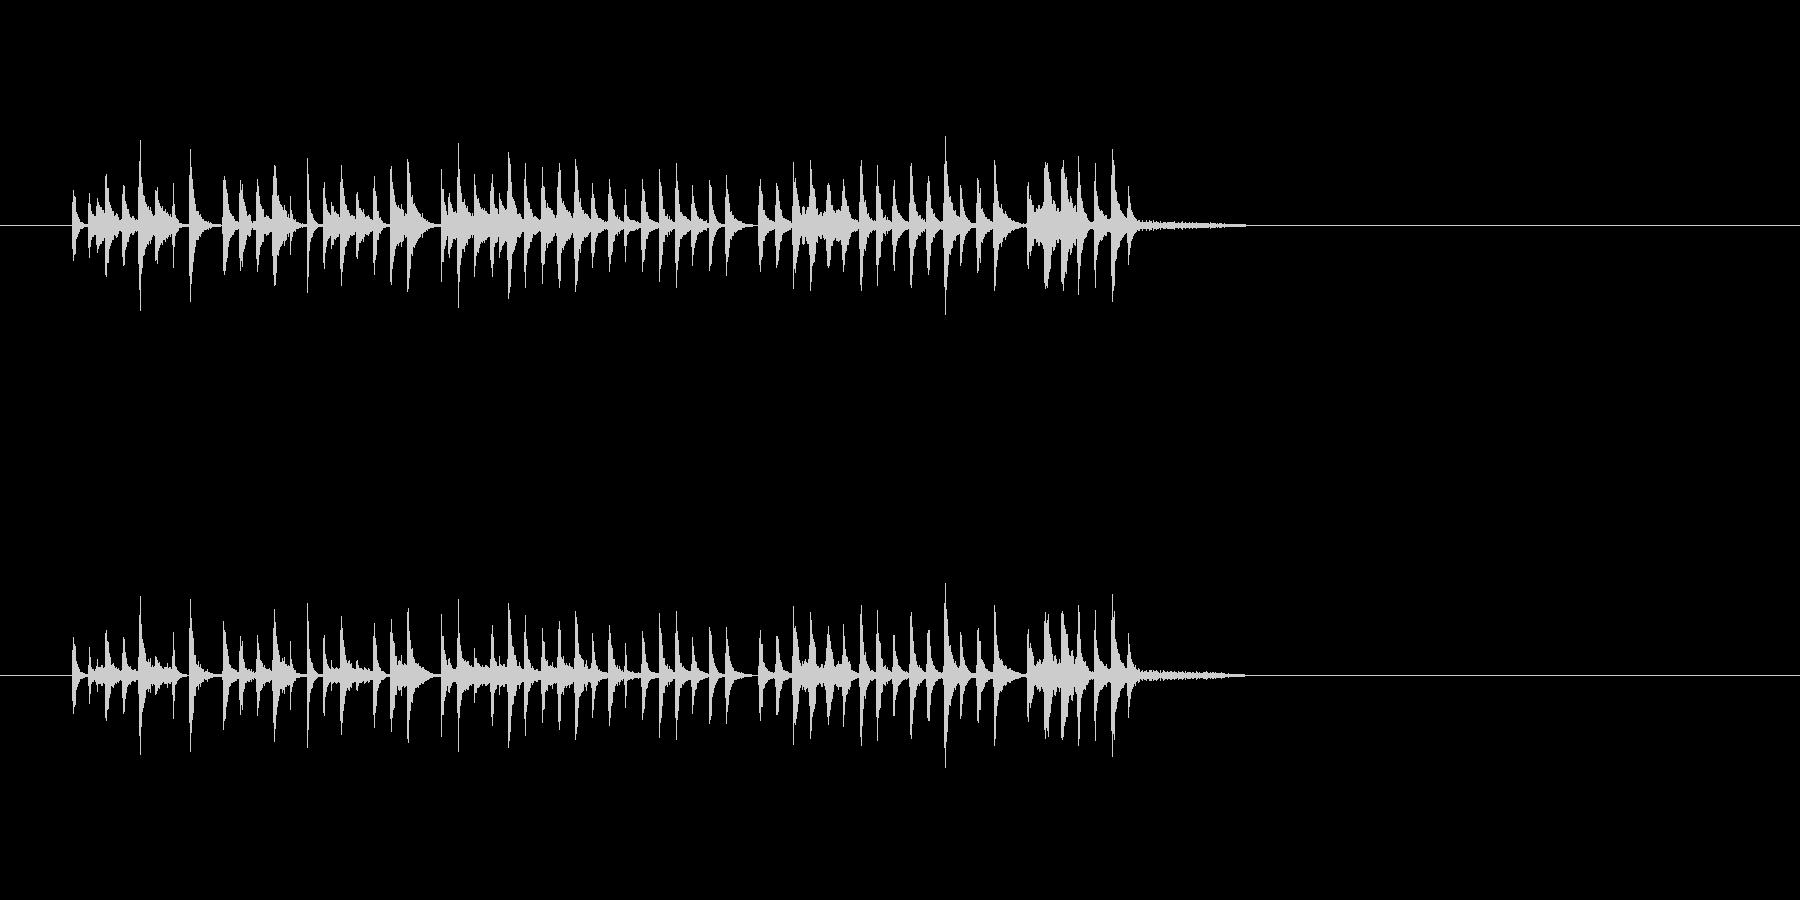 コミカル パーカッション 打楽器 楽しいの未再生の波形